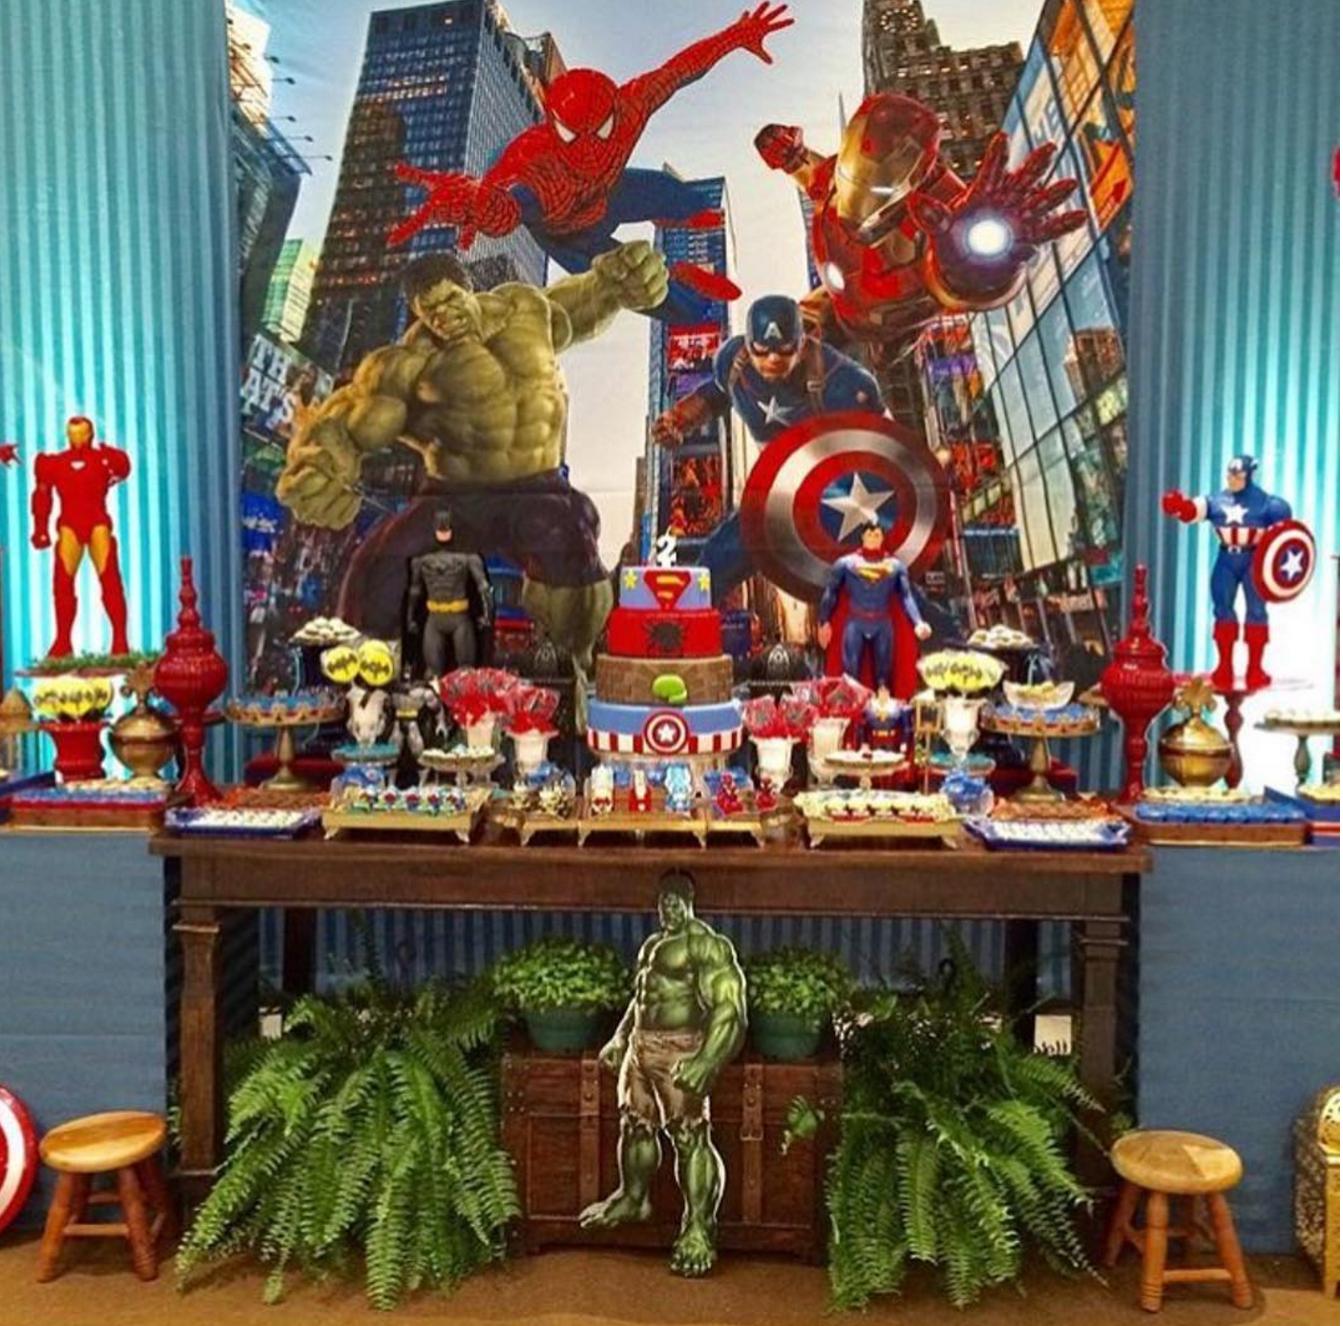 Resultado De Imagen Para Fiesta Tematica De Avengers Avengers Theme Birthday Avengers Themed Party Avengers Birthday Party Decorations